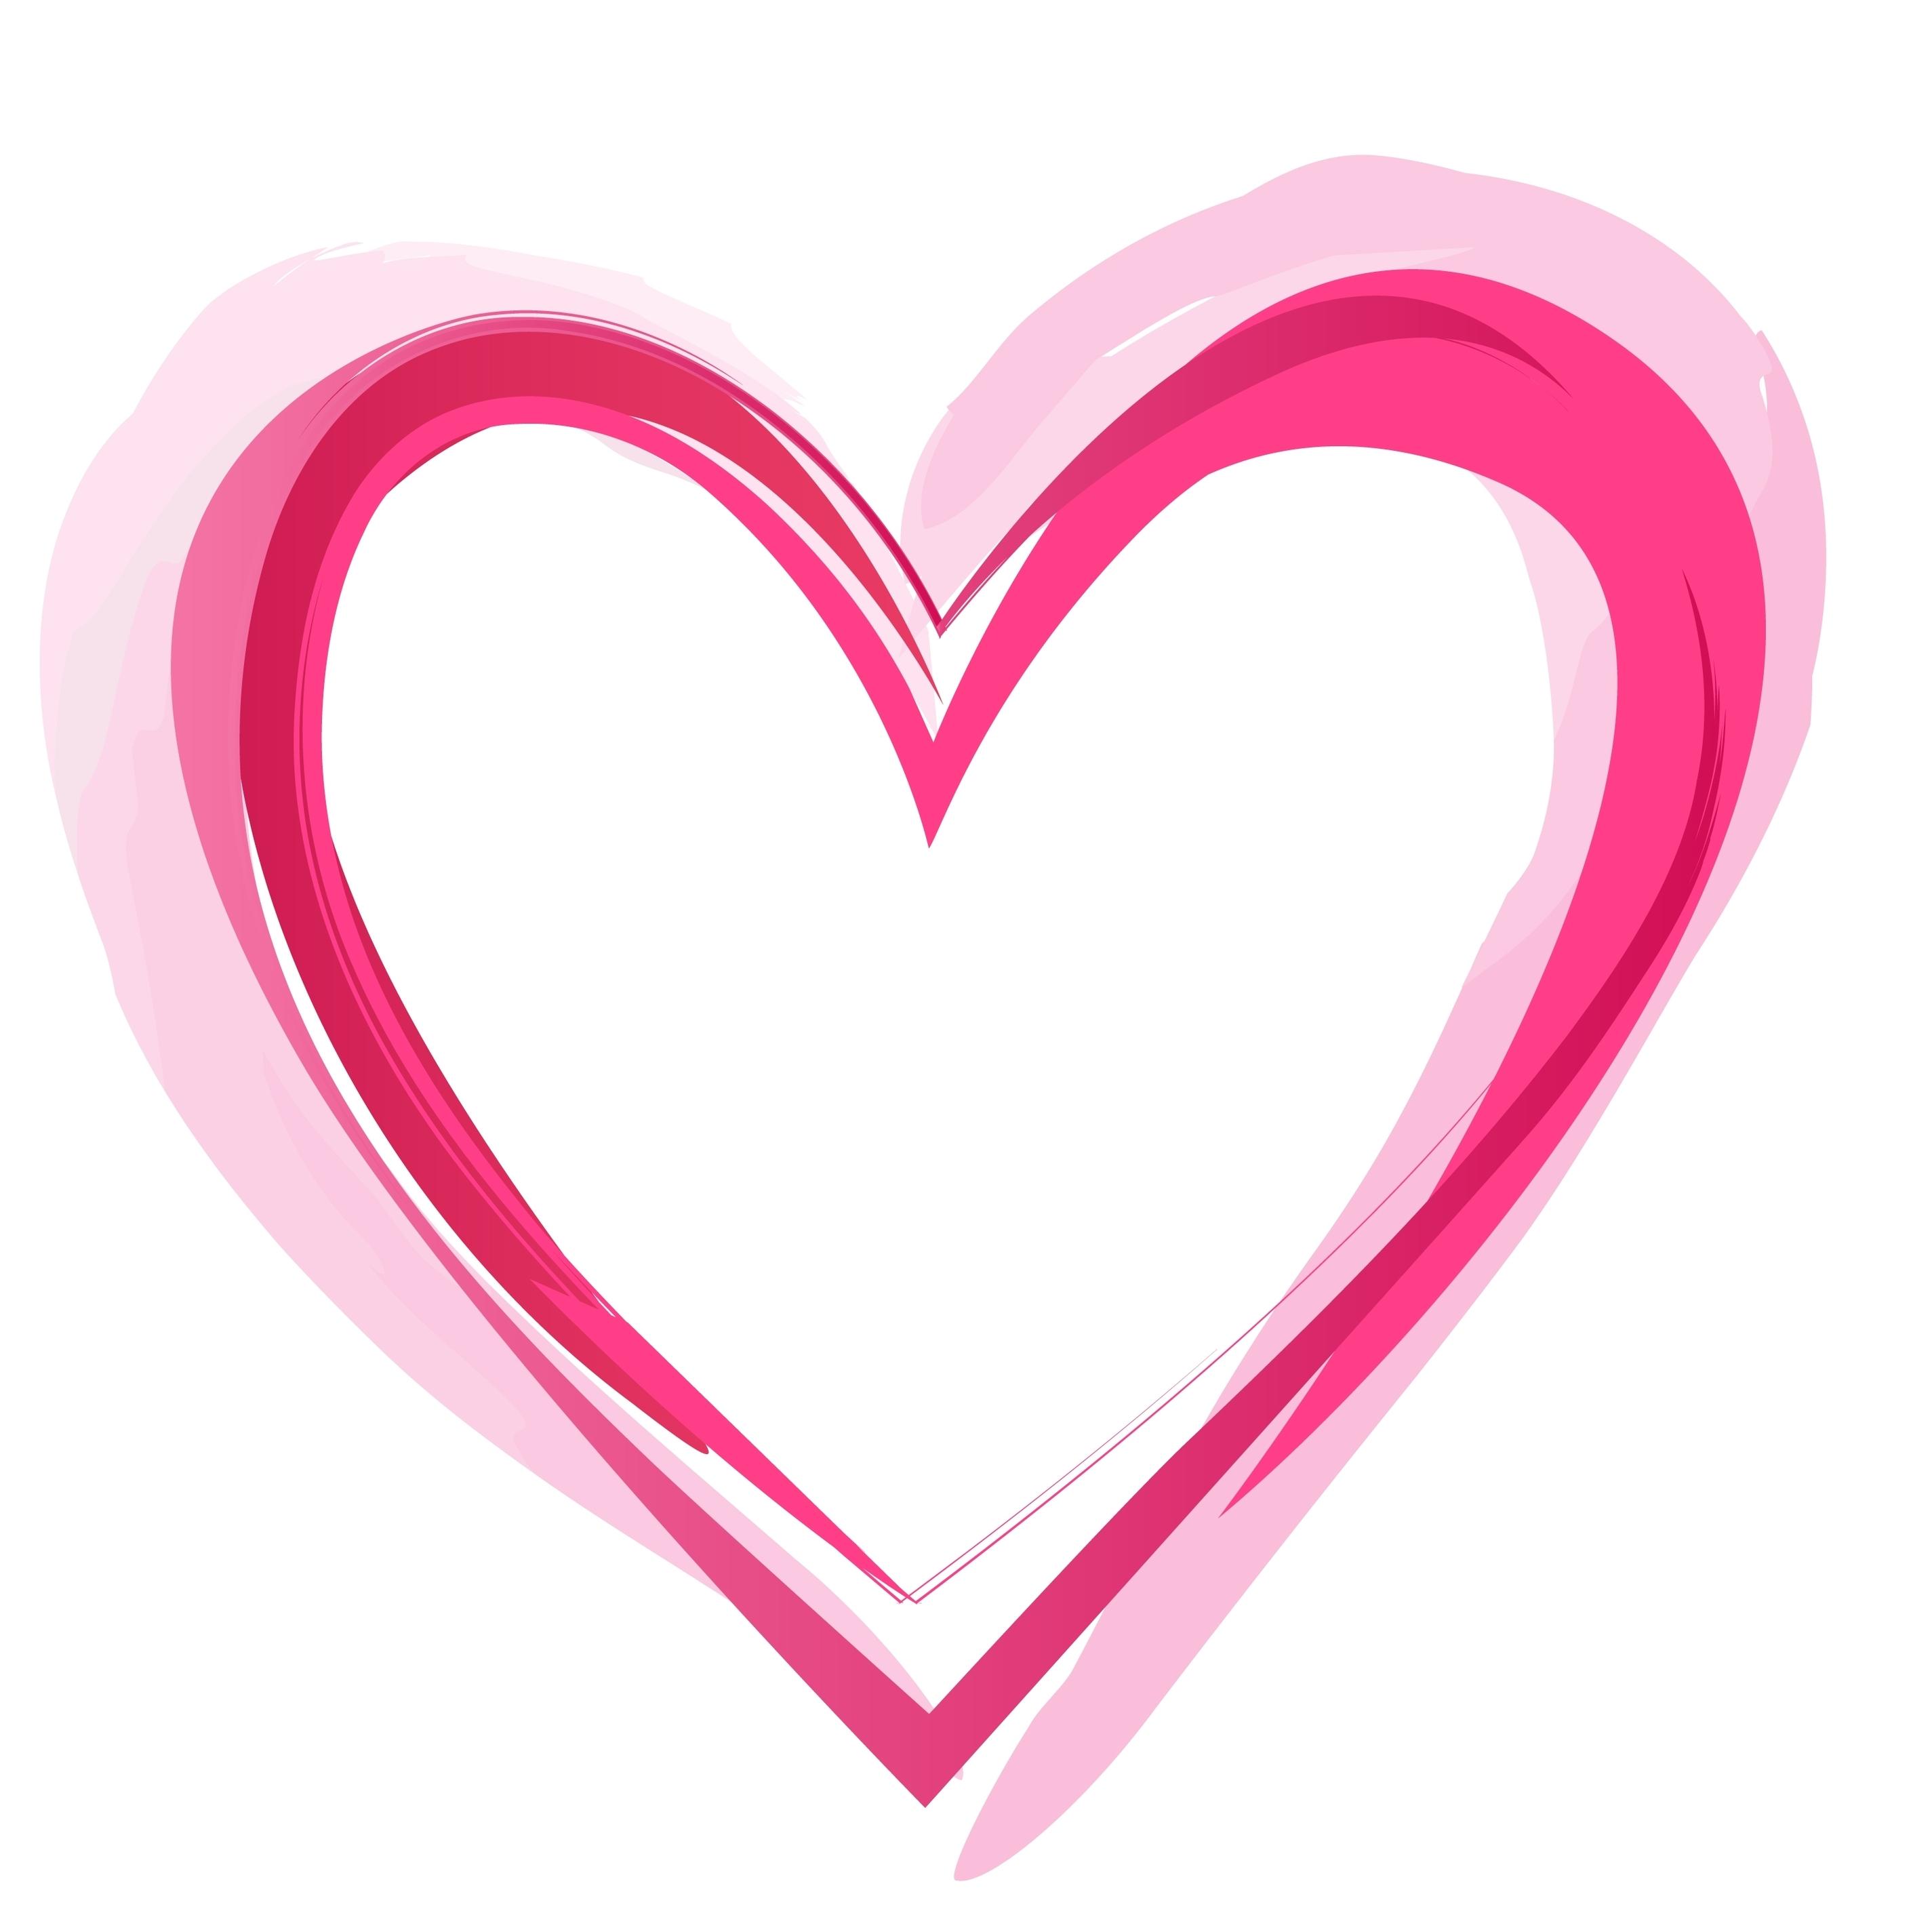 baby heart clipart - photo #17